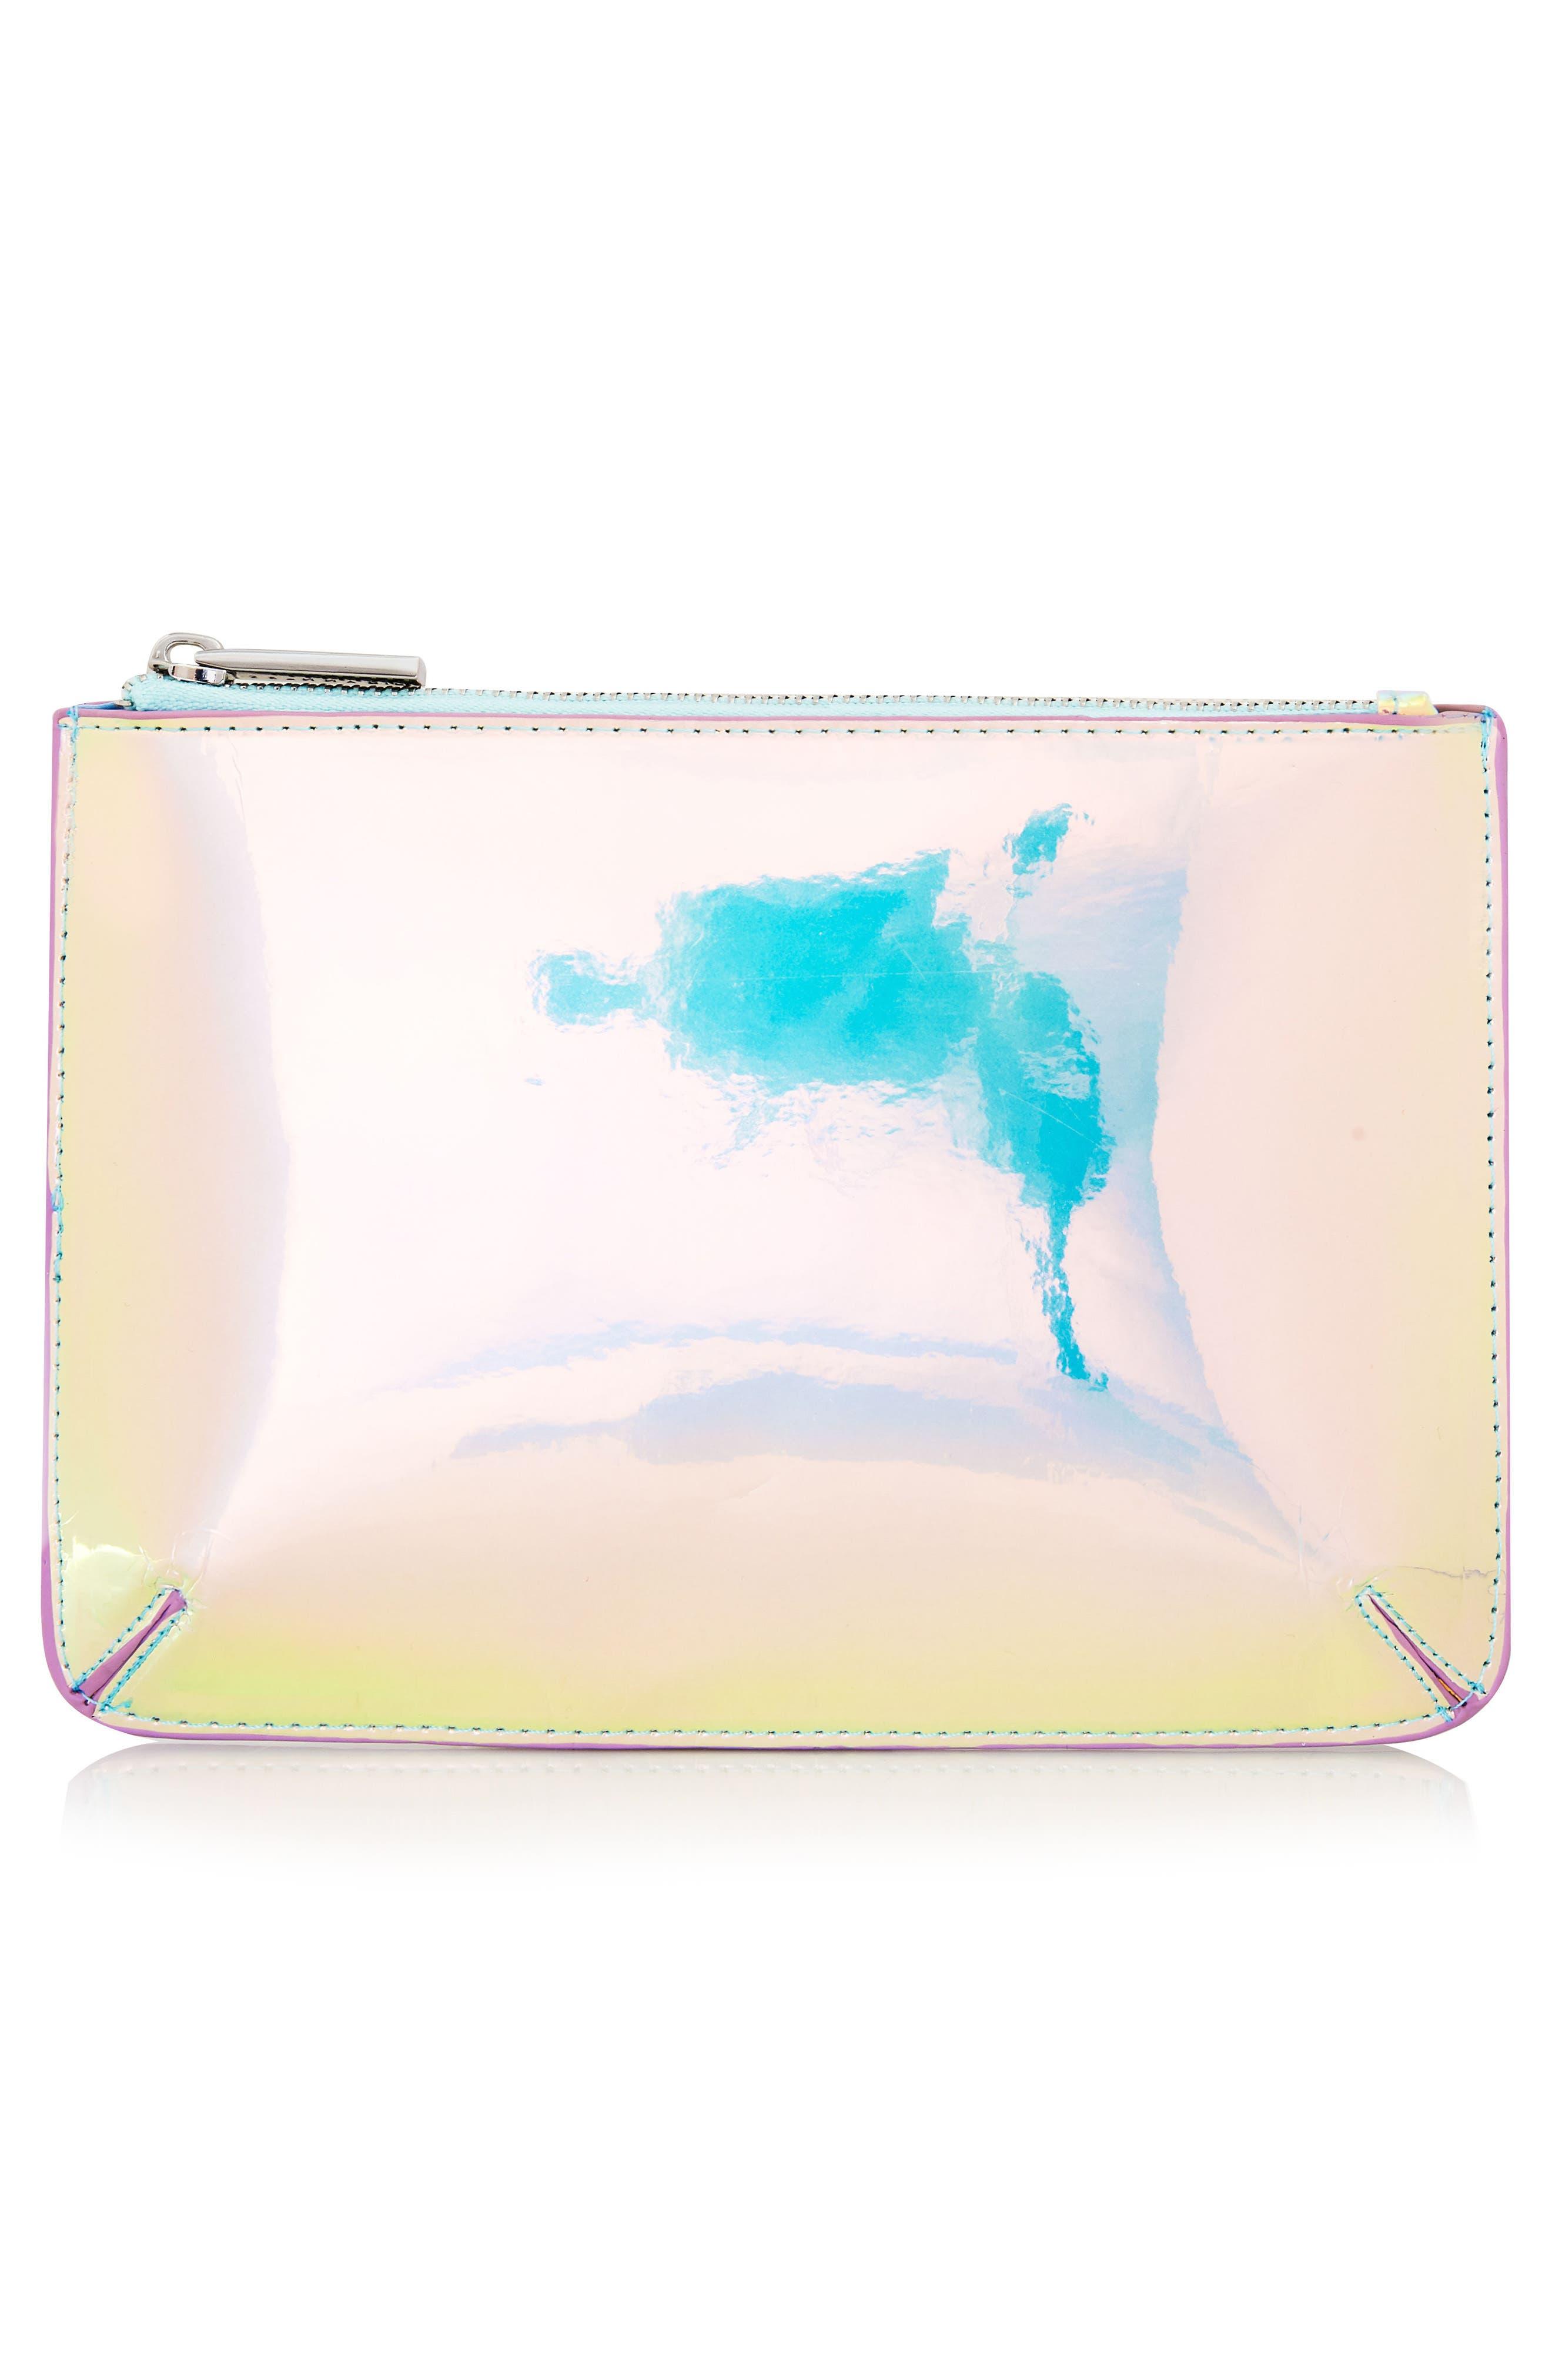 Skinny Dip Ocean Makeup Bag,                             Alternate thumbnail 3, color,                             No Color